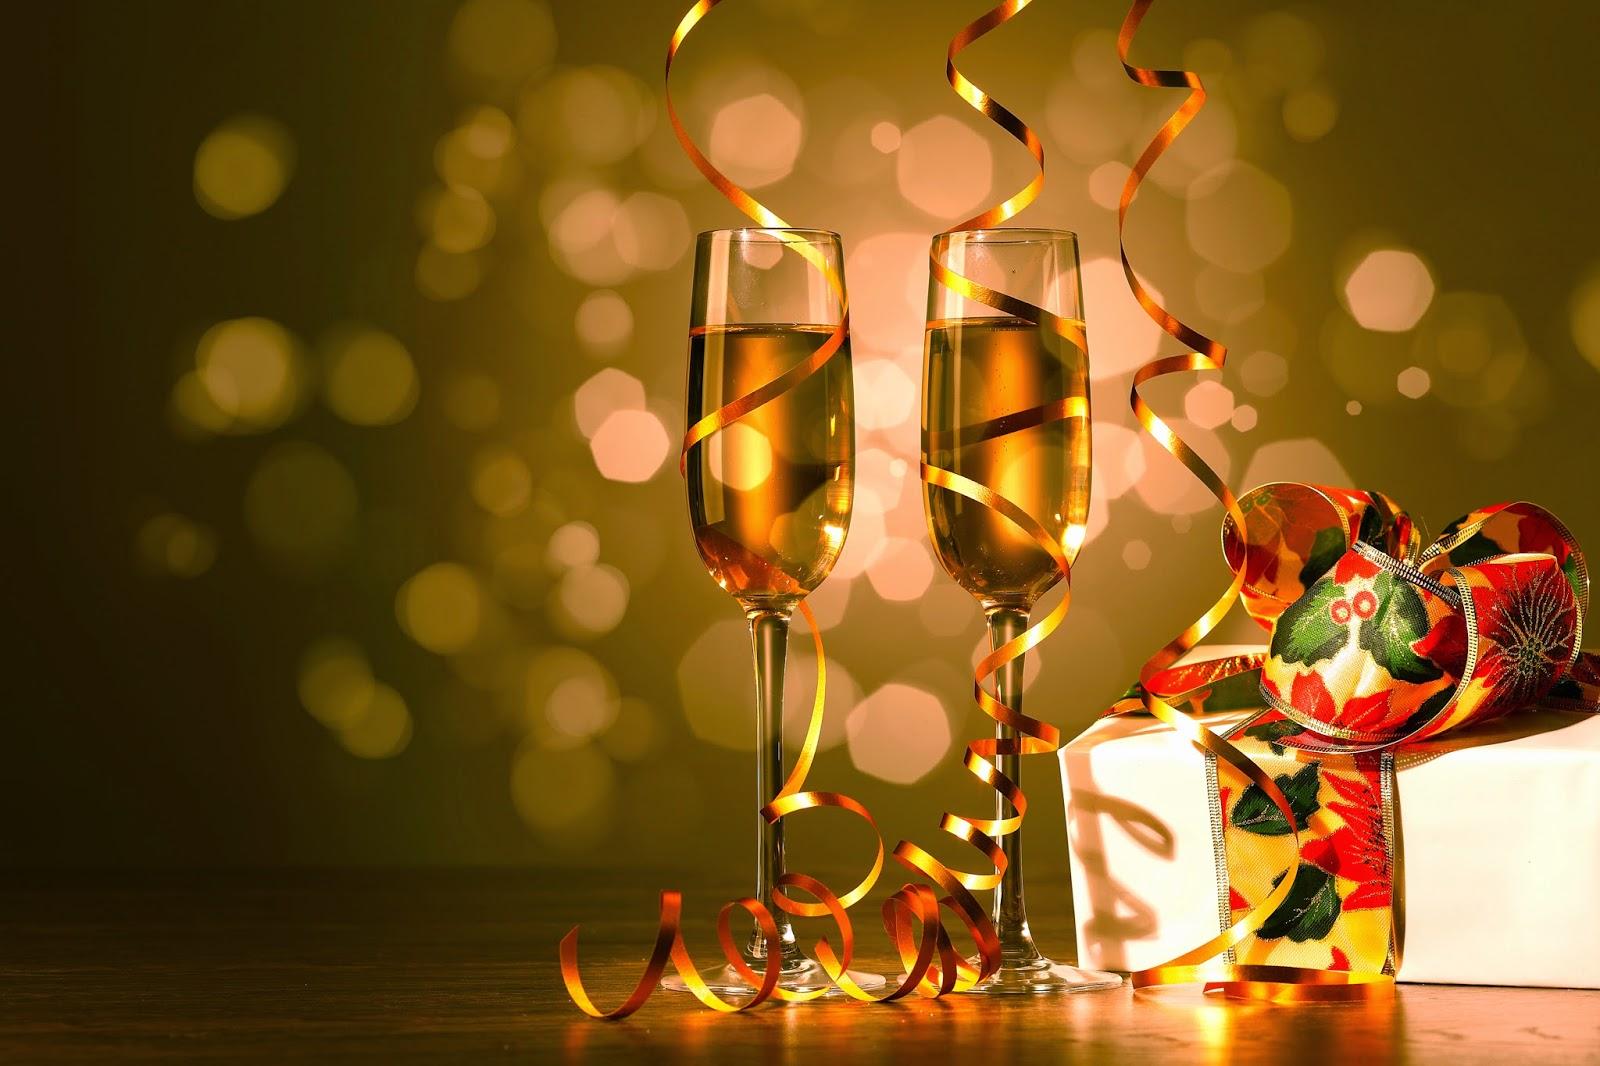 Imagenes y Fotos de Año Nuevo, parte 6